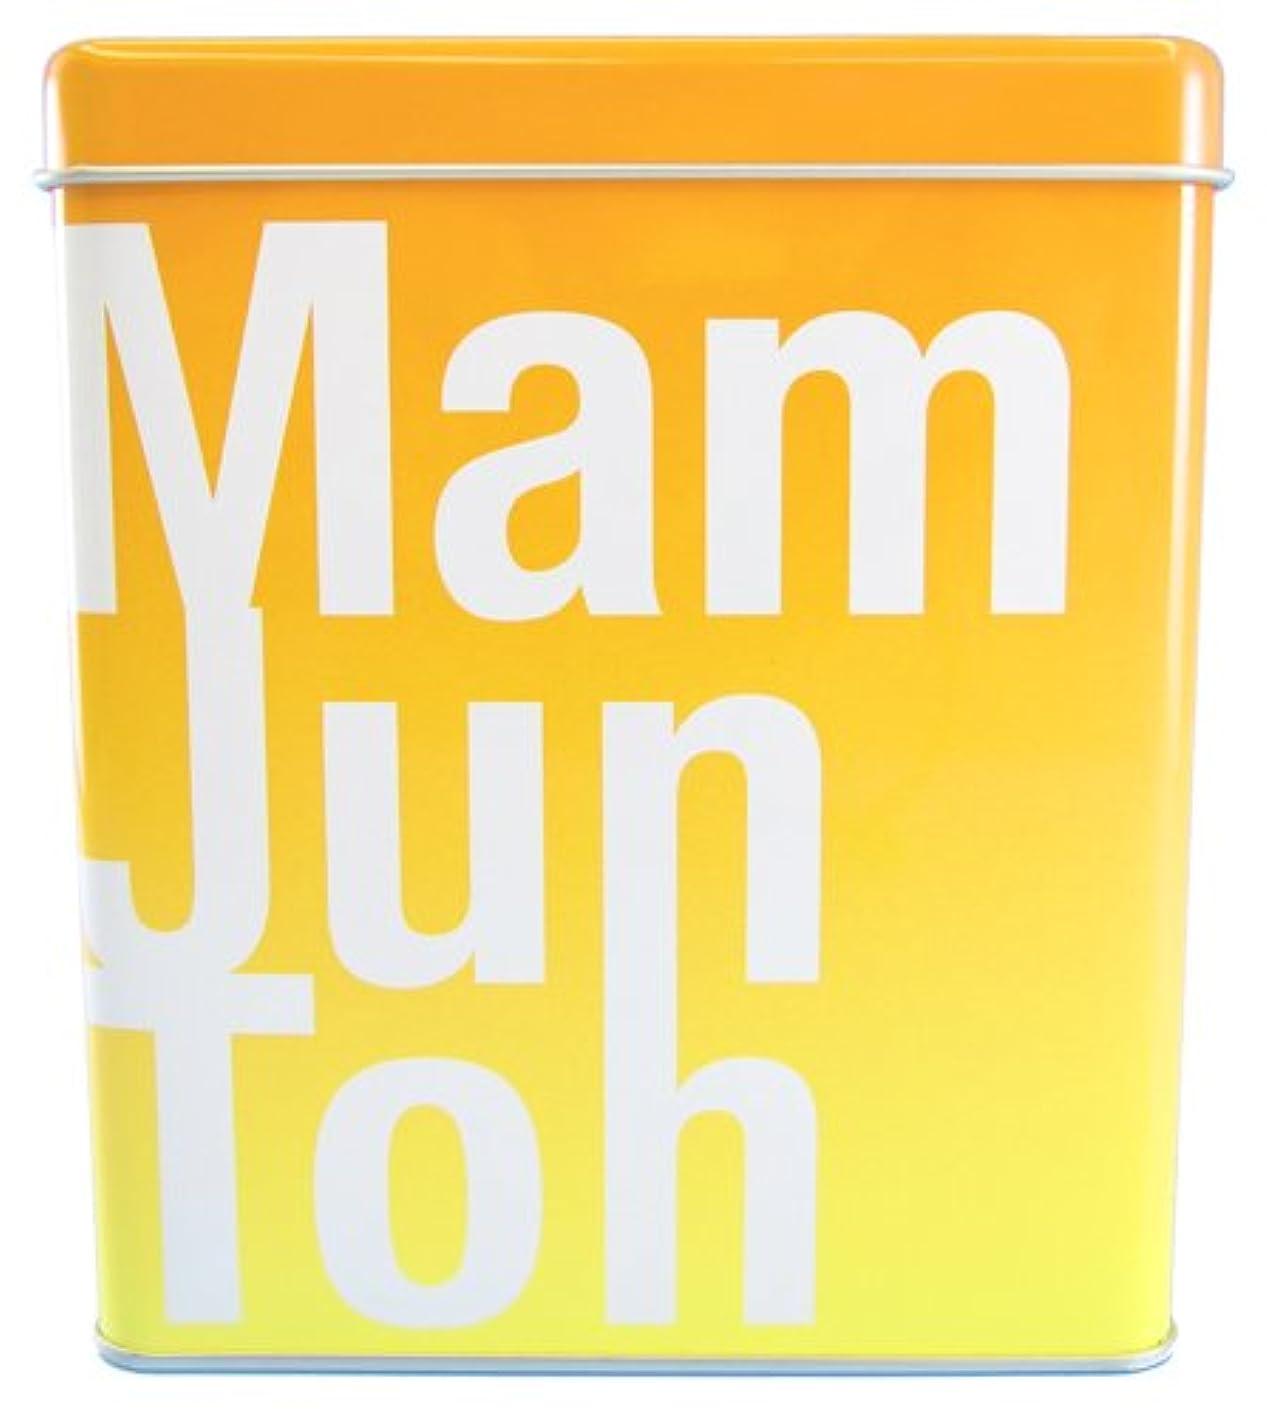 教える舗装神蔓潤湯 椿 パラダイス山元責任監修 薬用入浴剤 天然ビターオレンジの香り 750g